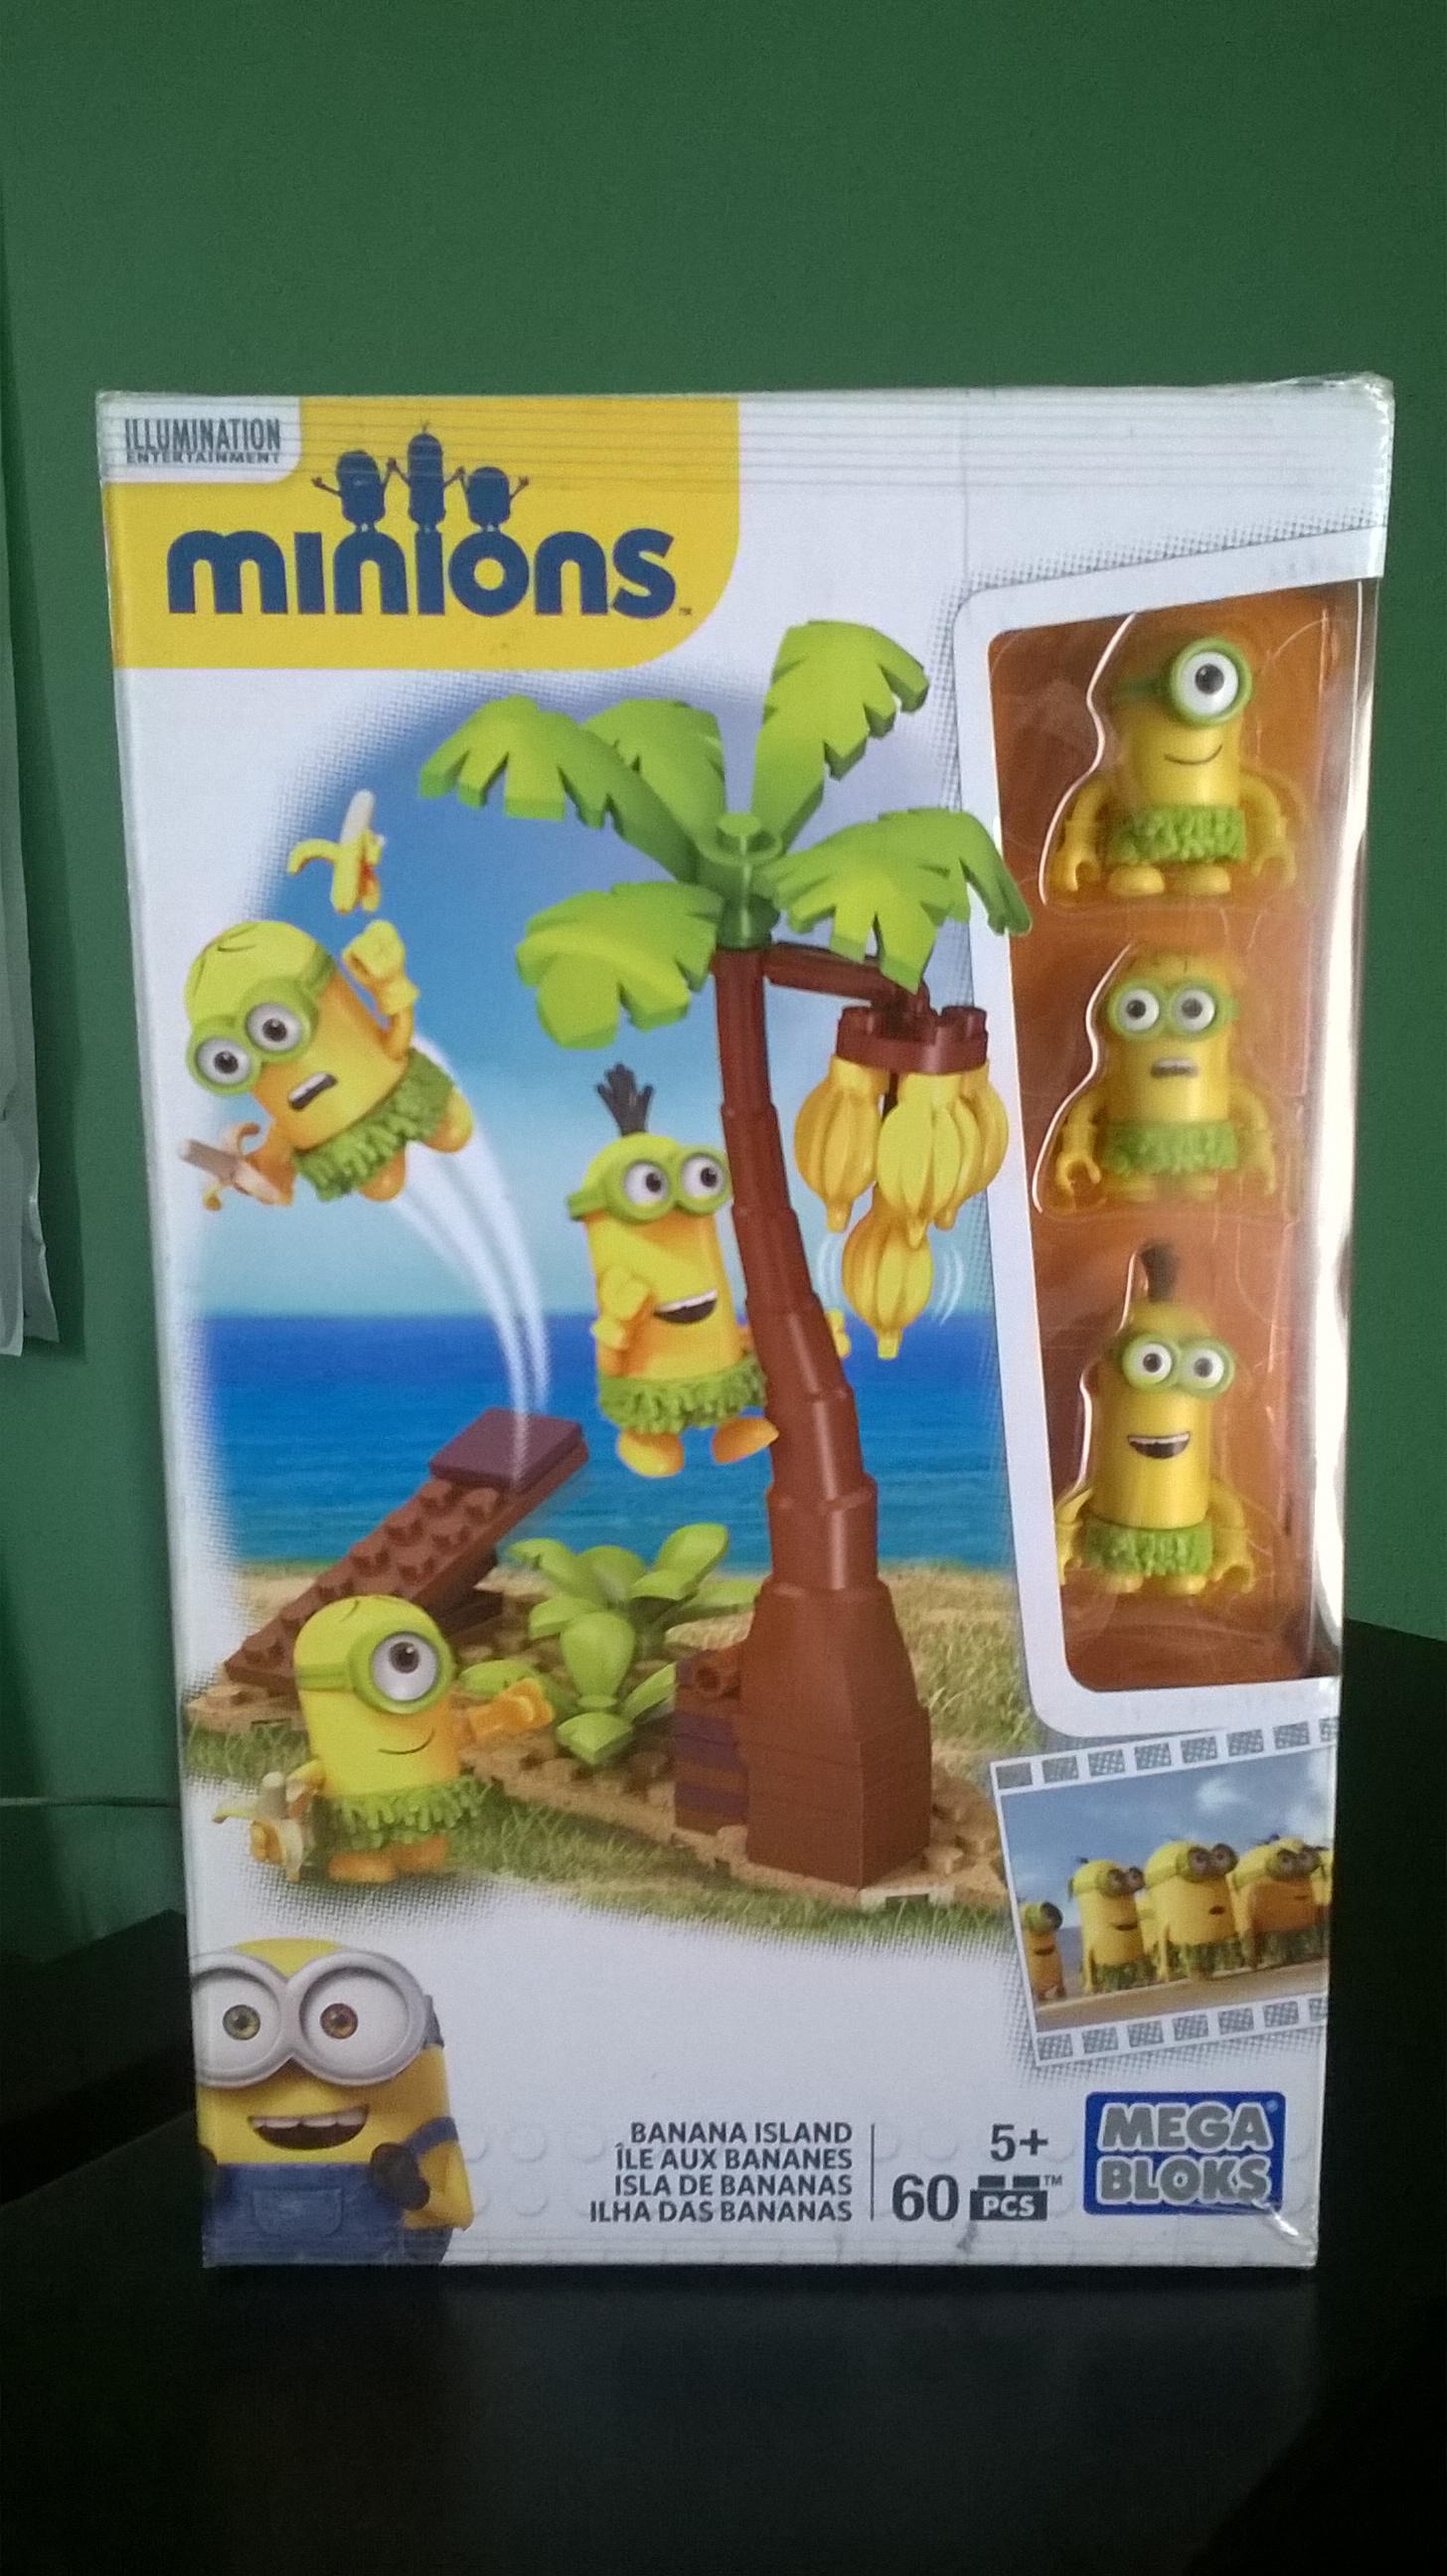 Waltmart Mil Cumbres Morelia: Isla de Bananas, Megabloks Minions a $35.01